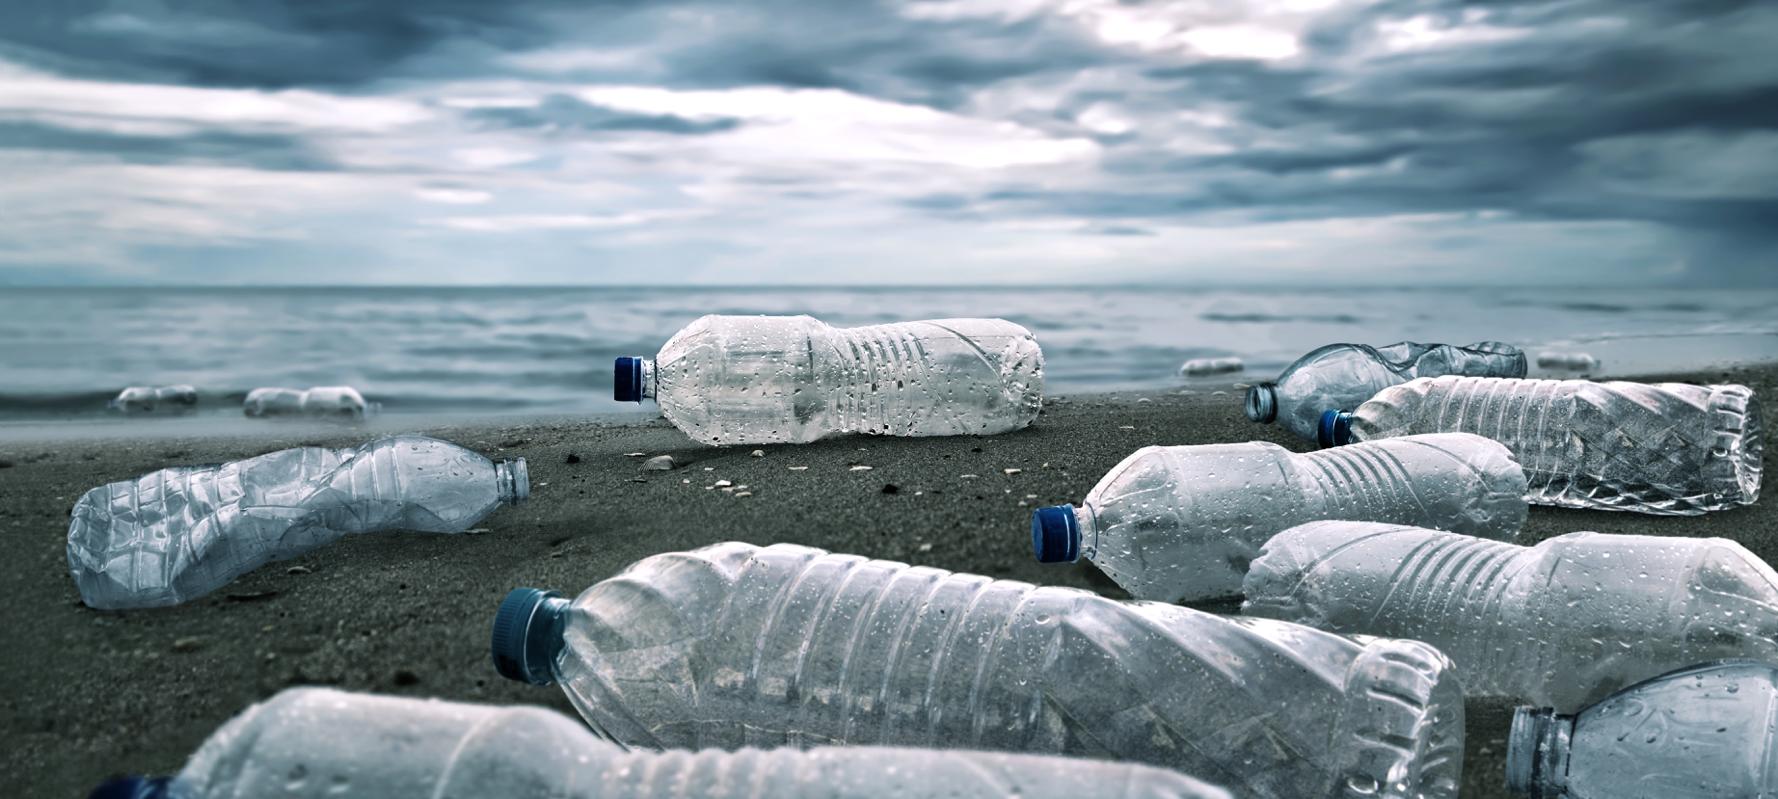 Risparmiamo Plastica al Mare